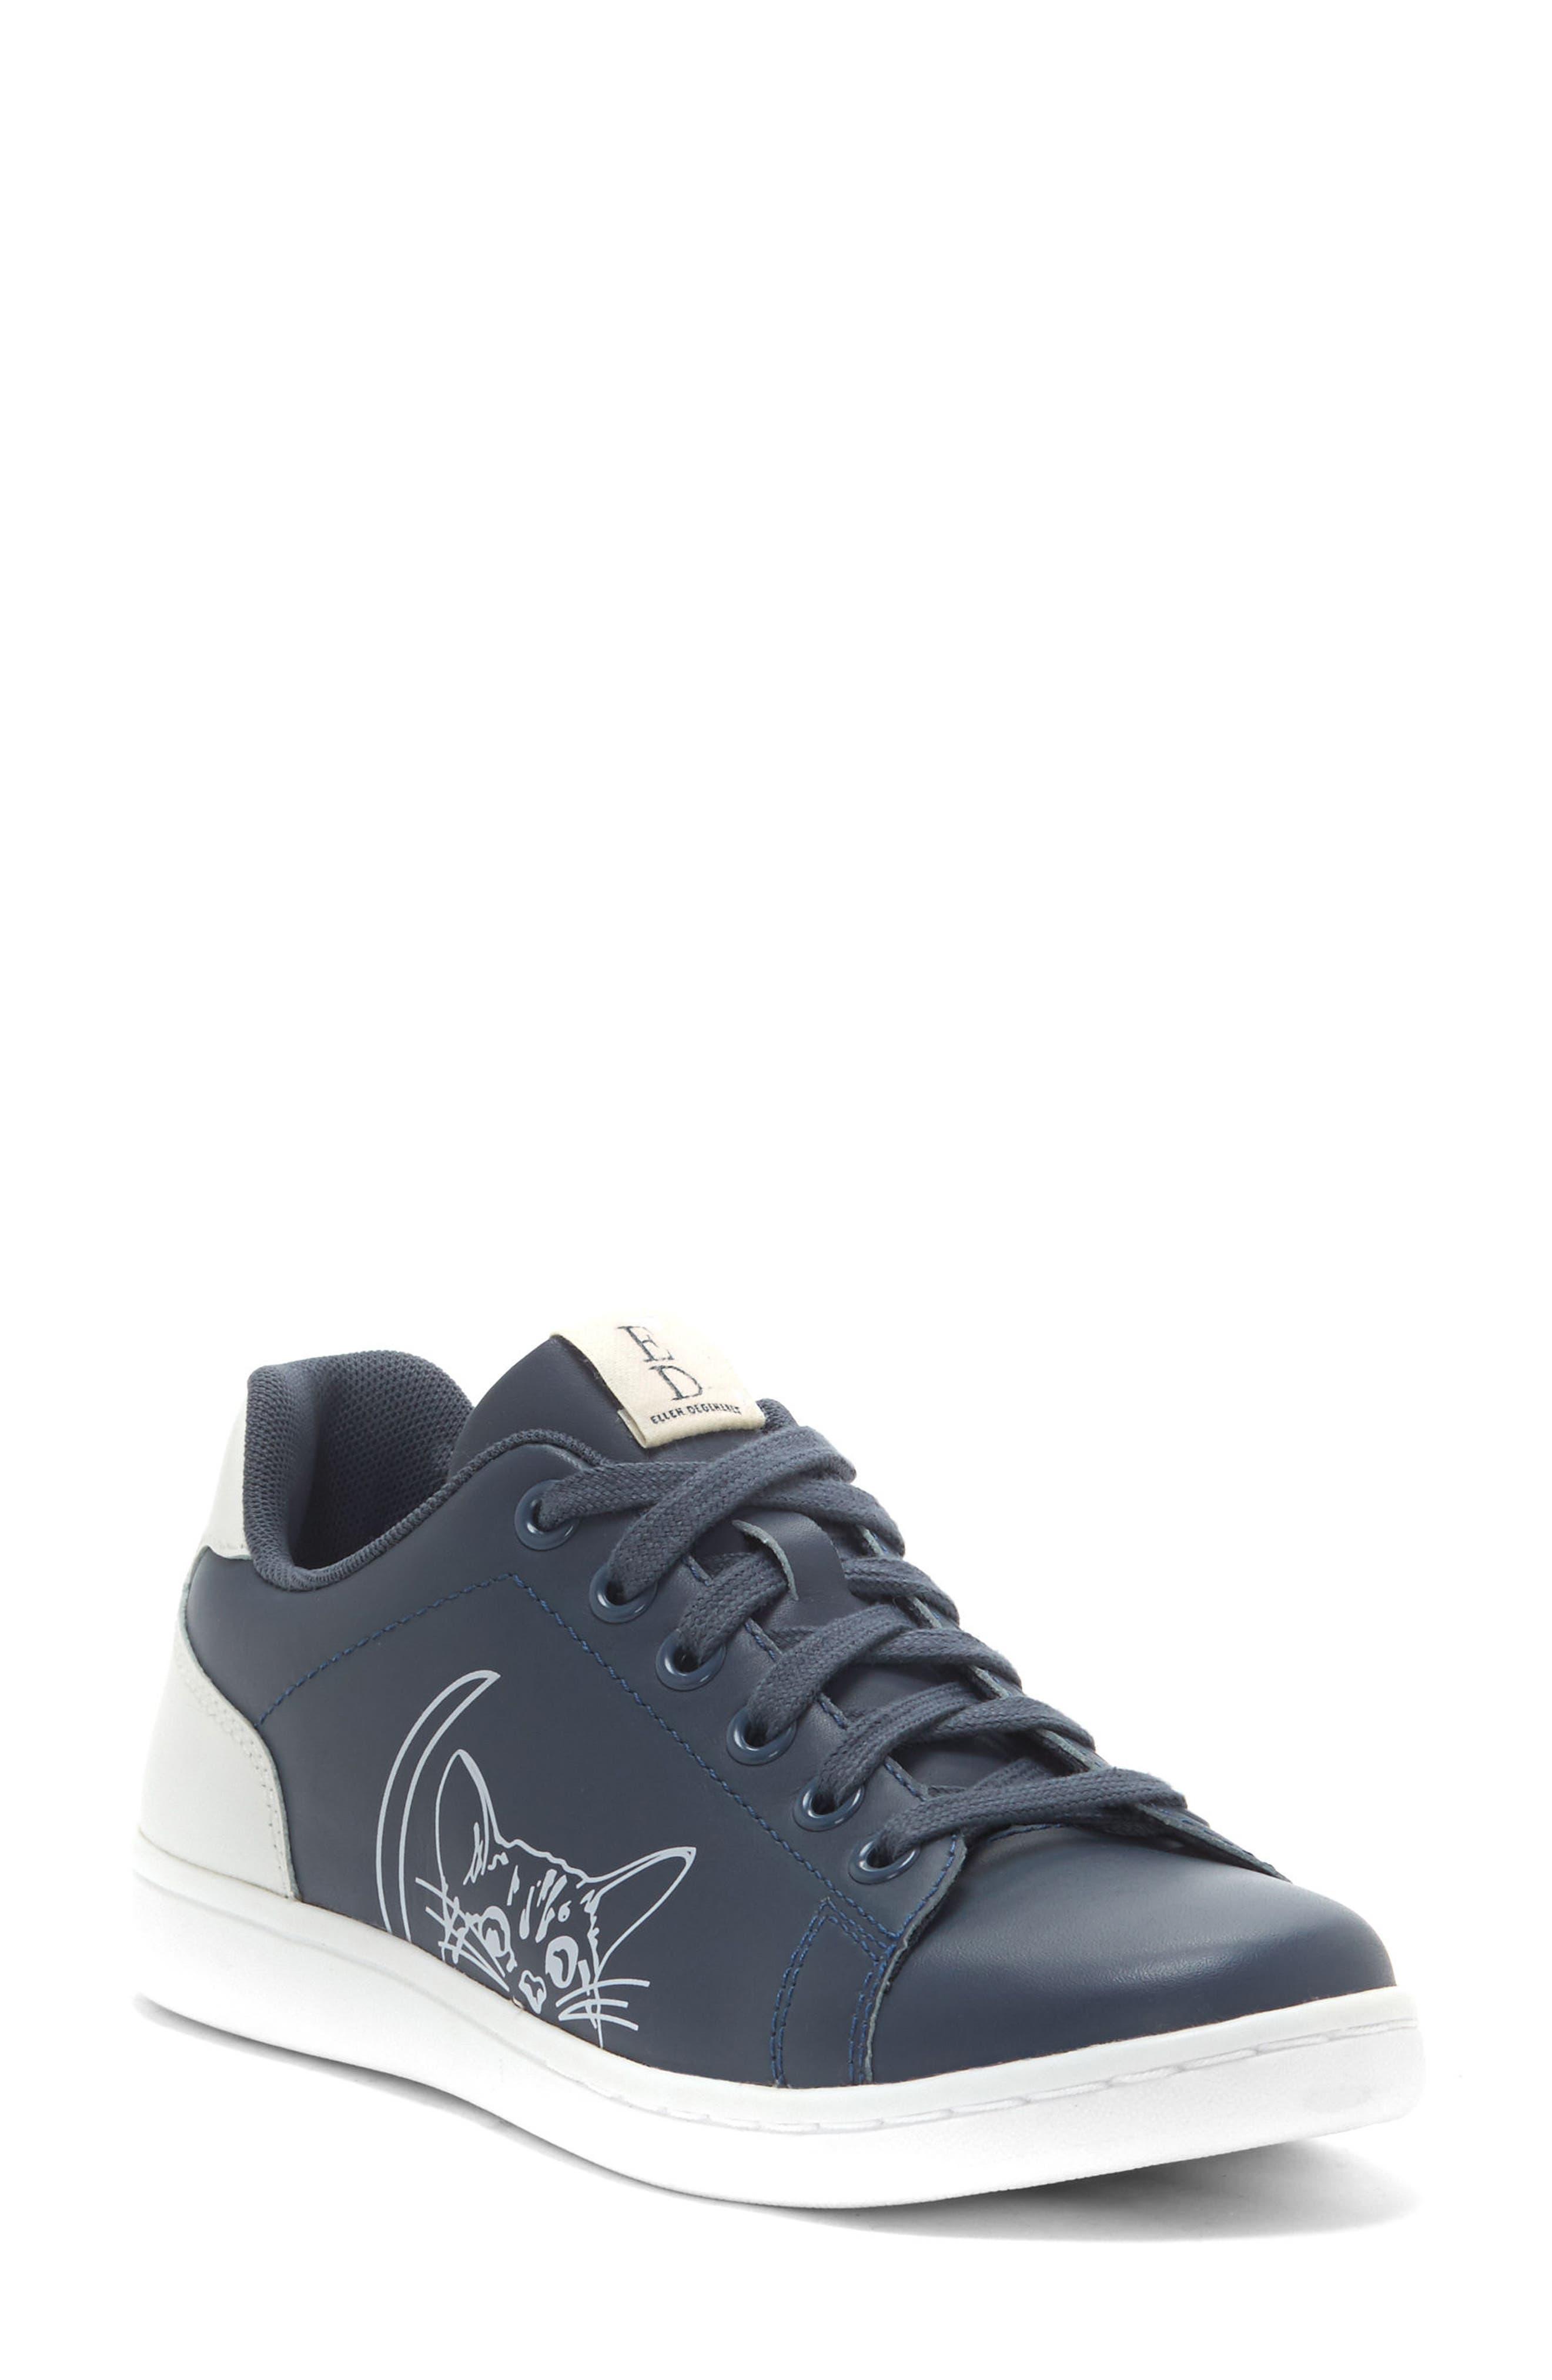 Alternate Image 1 Selected - ED Ellen DeGeneres Chapanima Sneaker (Women)